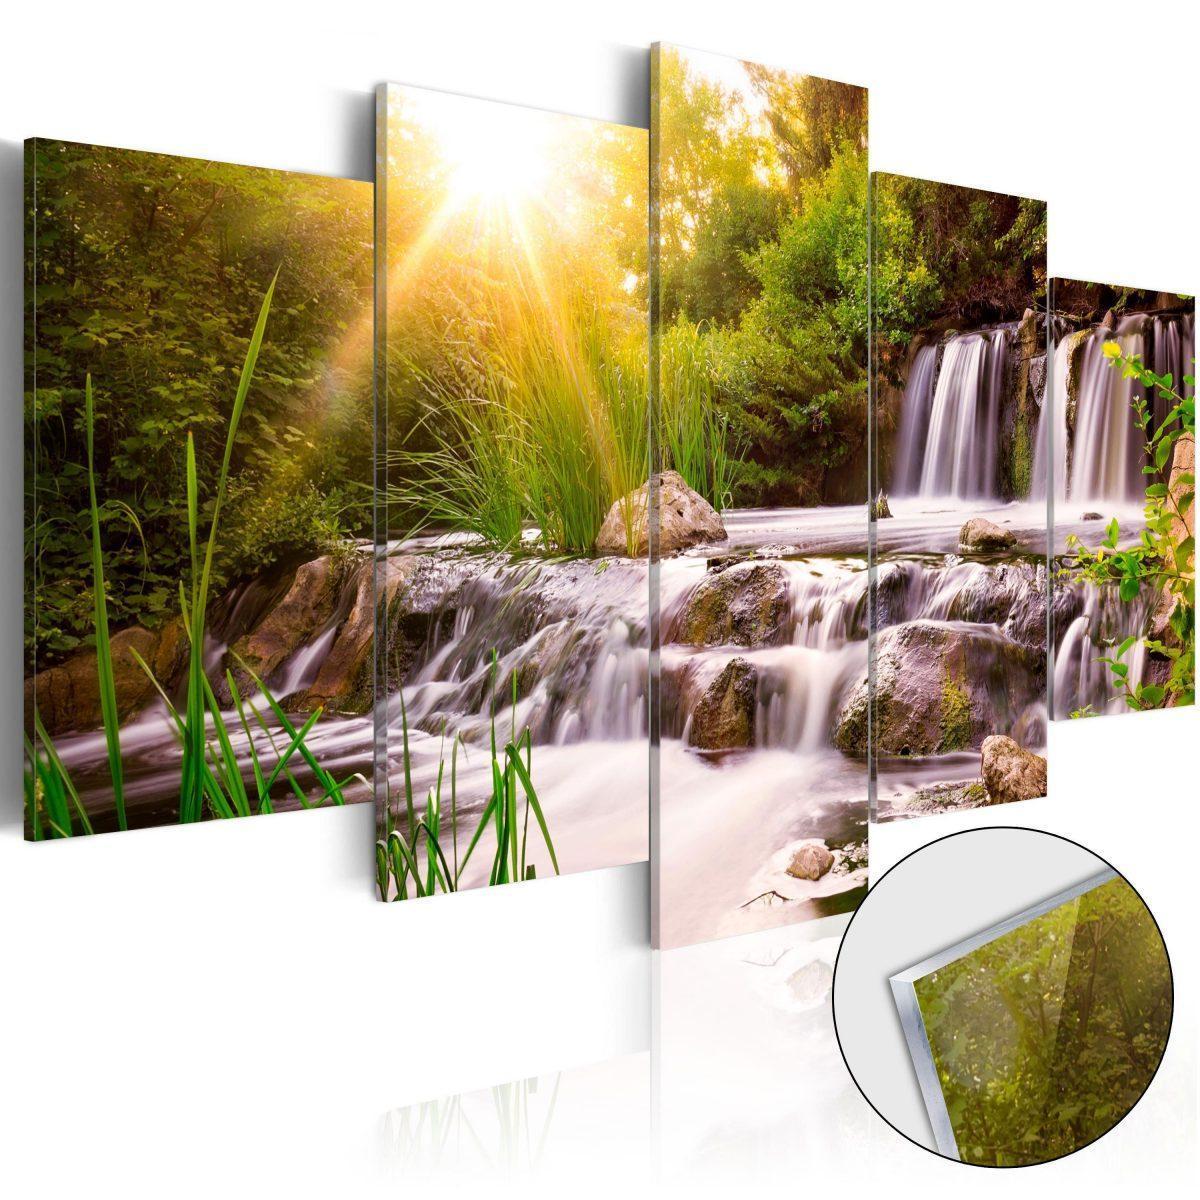 Tavla i akrylglas - Forest Waterfall - 200x100